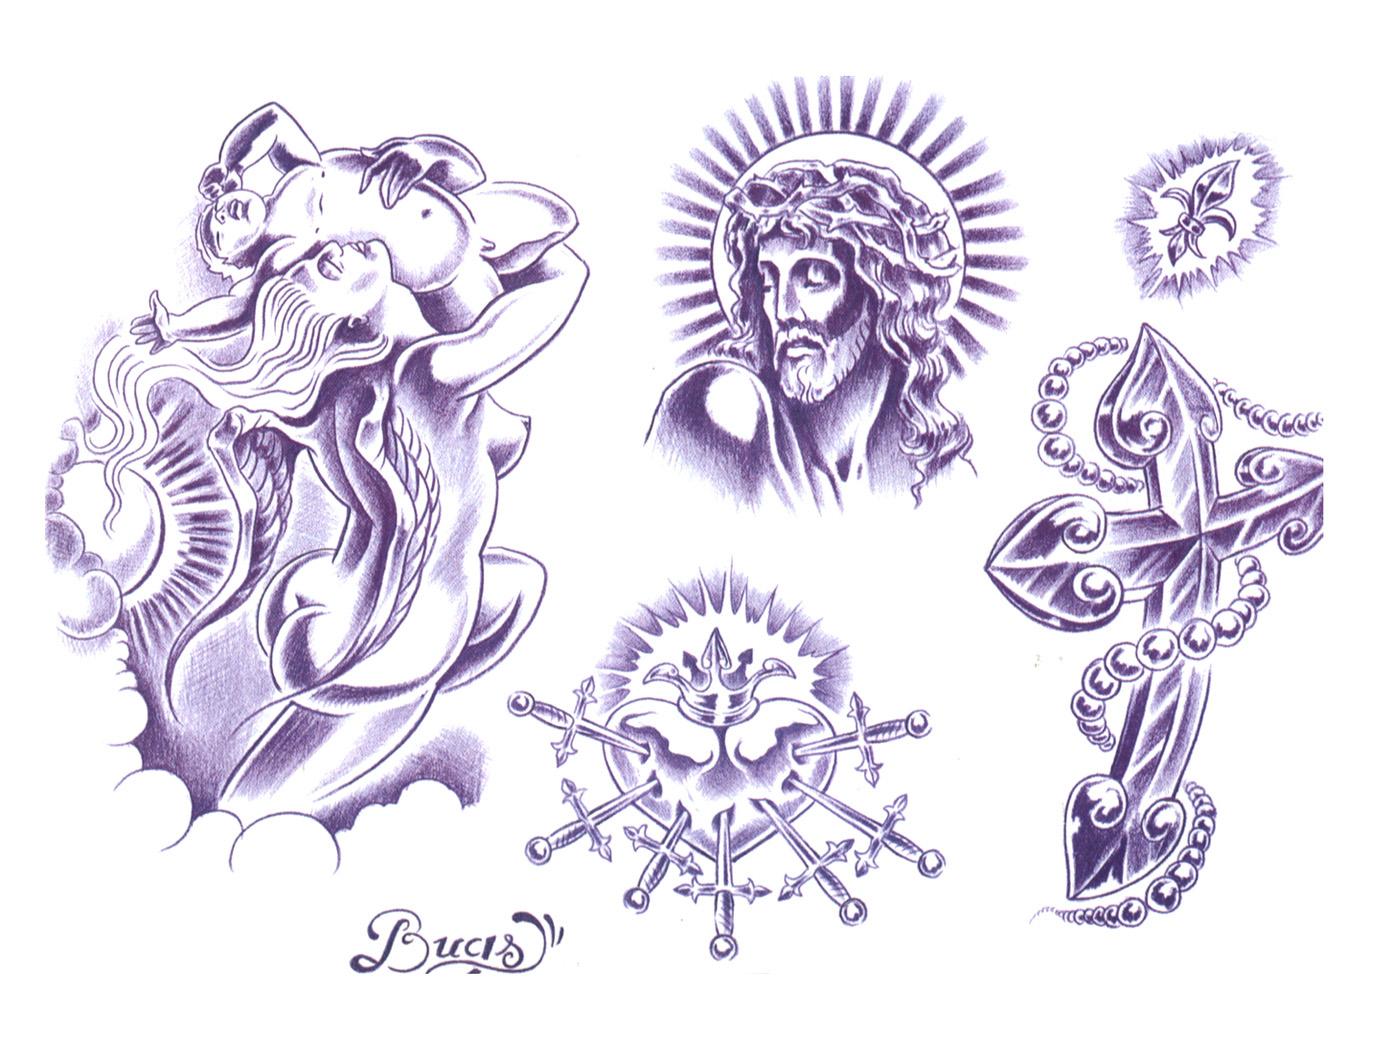 http://3.bp.blogspot.com/-BKYJ-5TCkNI/To3XT9sUPhI/AAAAAAAAAPQ/QMROQU1luRA/s1600/Tattoos%2Bof%2BChrist%2Breligion%2B%25283%2529.jpg